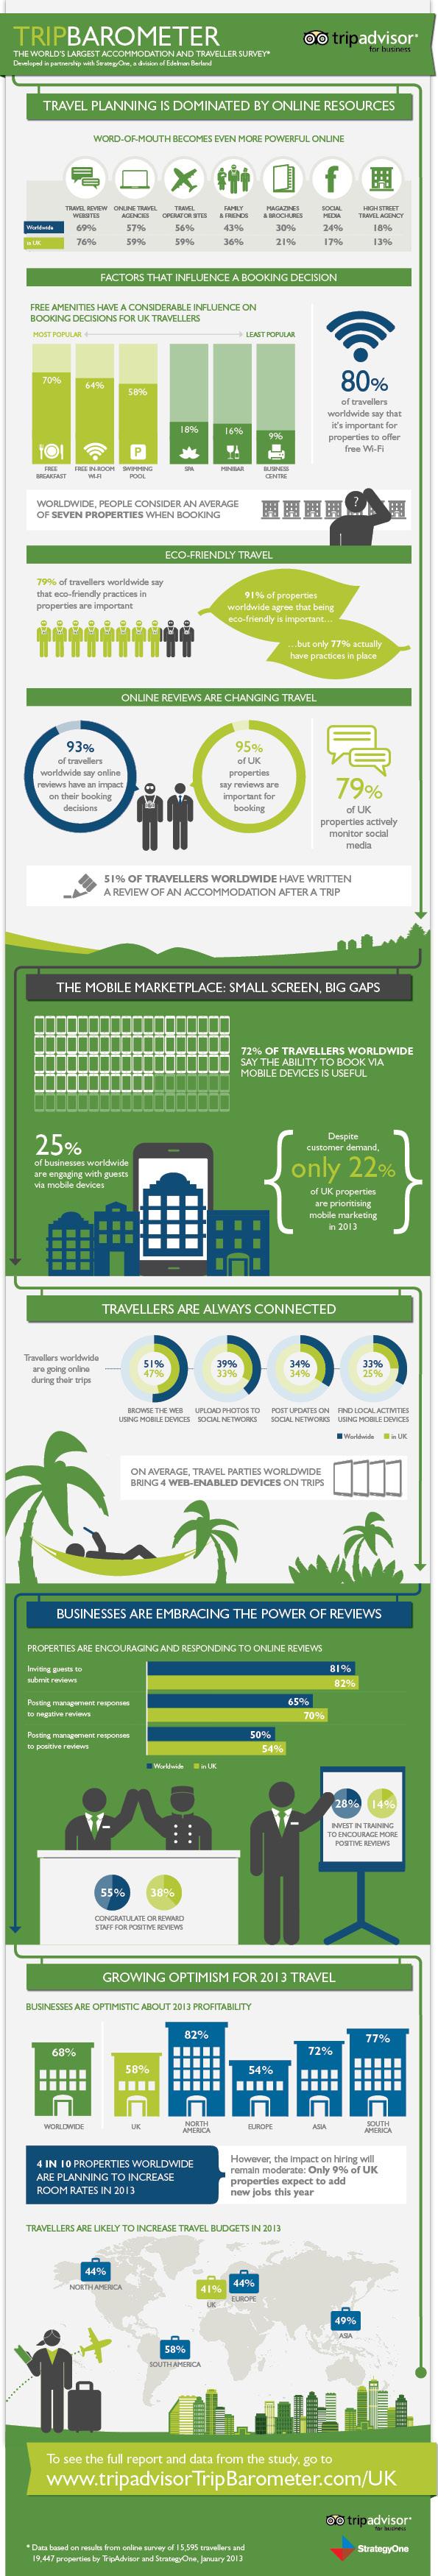 Influence du online et des recommandations d'amis et avis d'utilisateurs lors de réservations d'hôtels et autres statistiques. Infographie